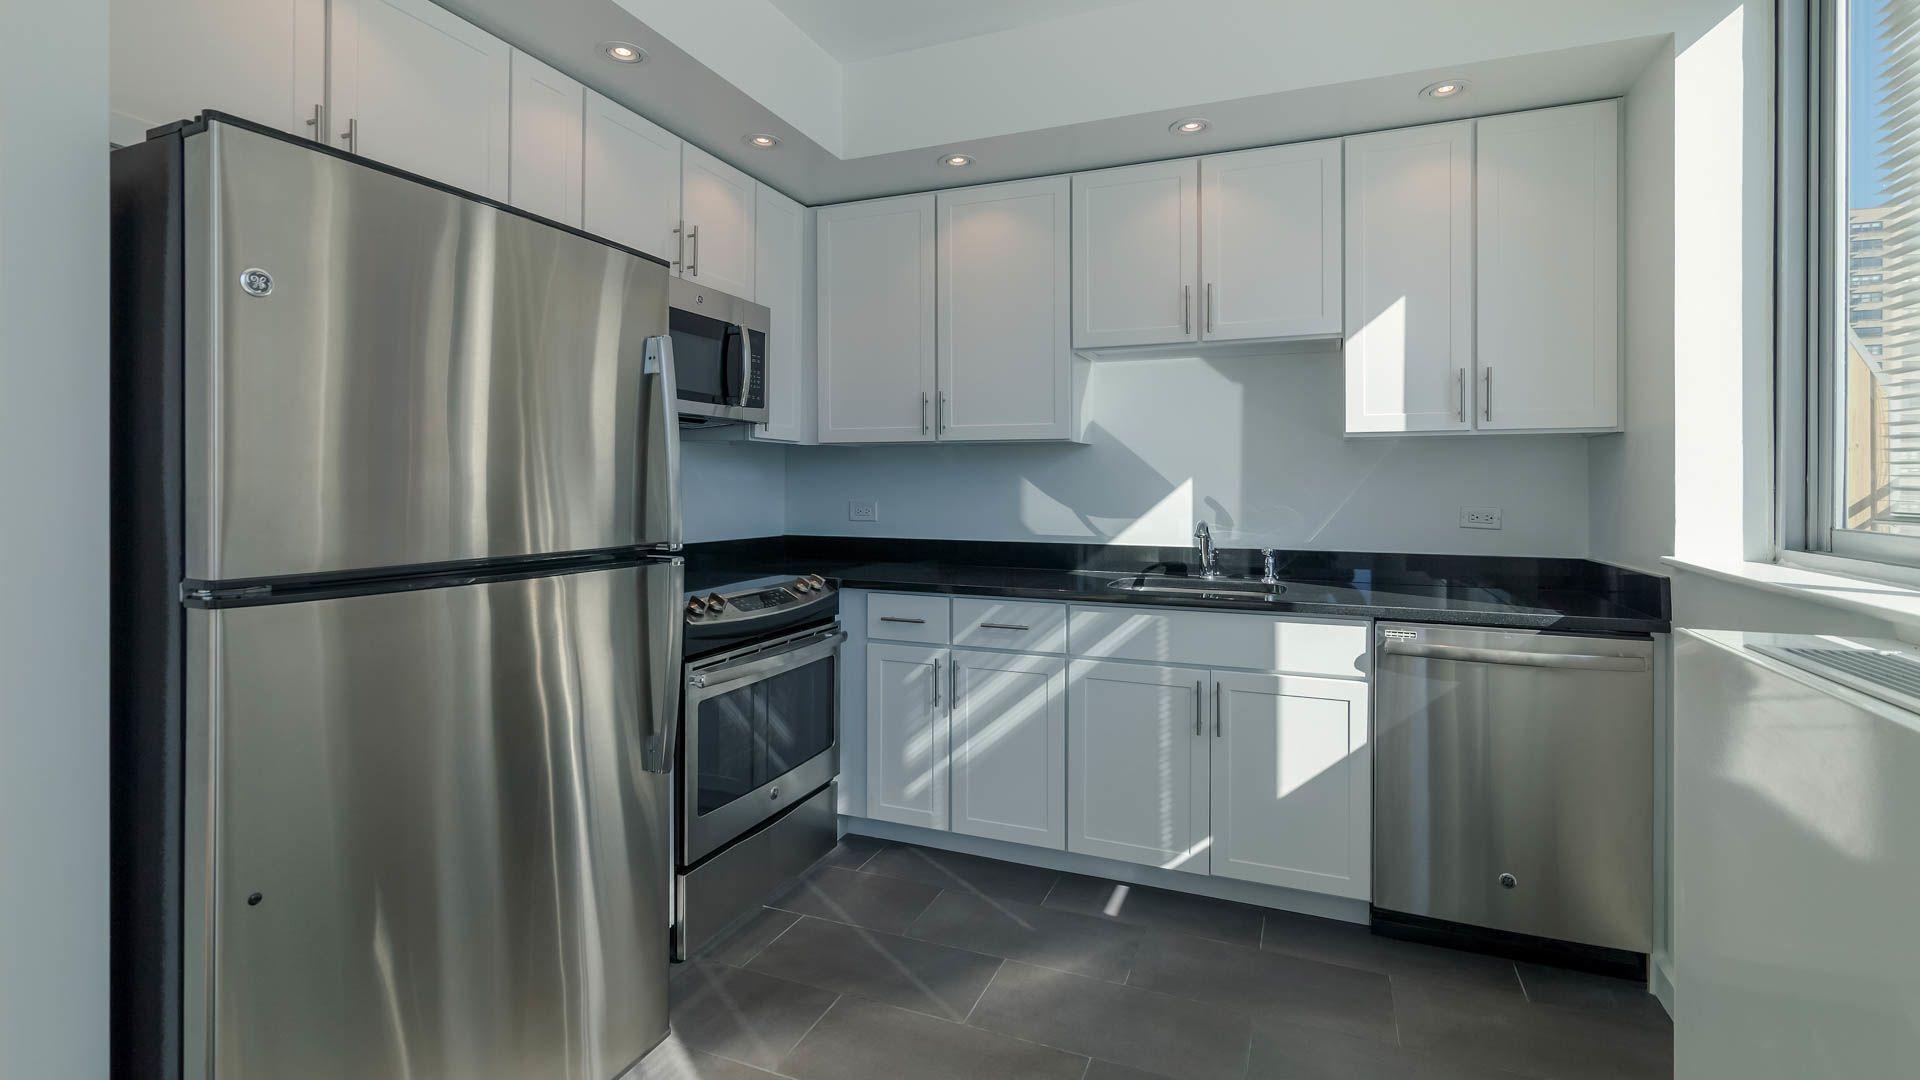 101 West End Apartments - Kitchen